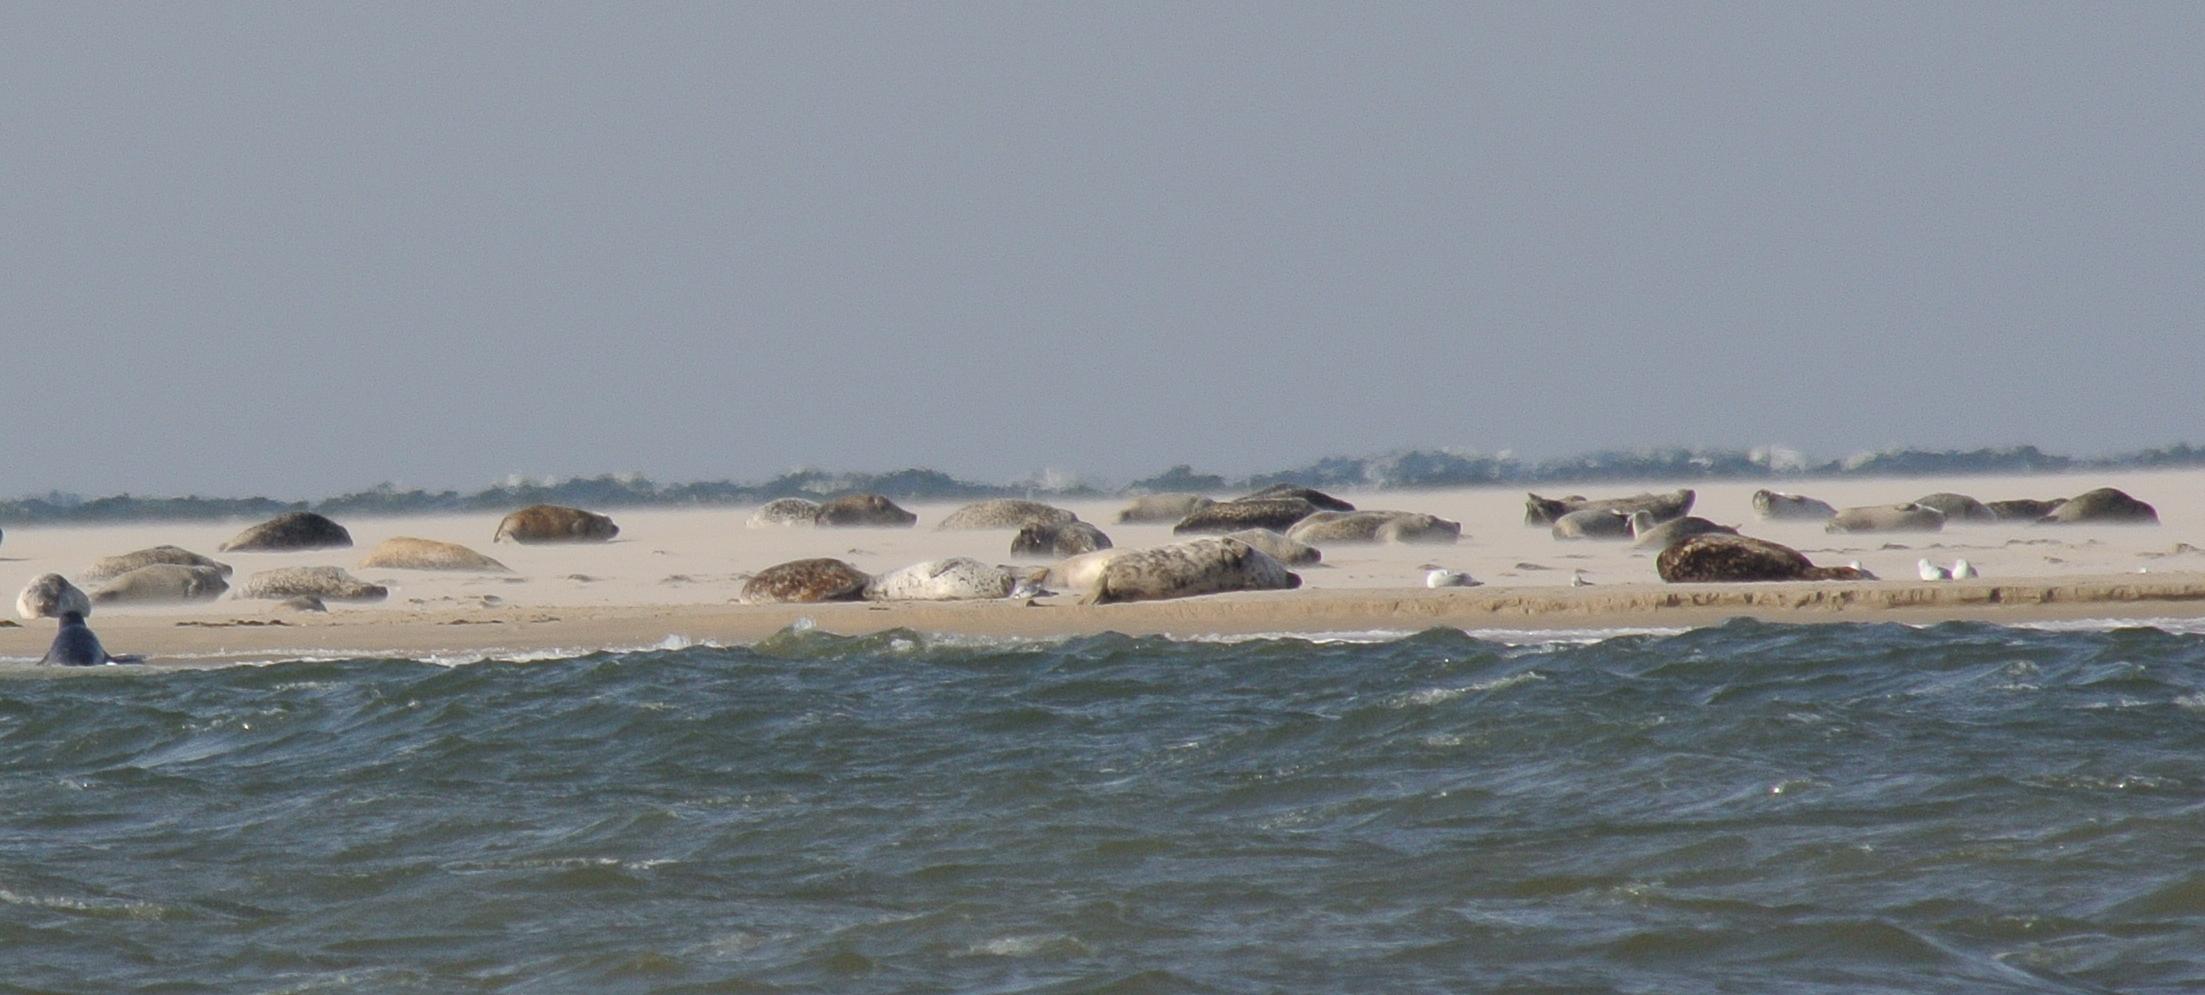 Seehundsbank auf Borkum-mit Seehunden und Kegelrobben-3.10.13